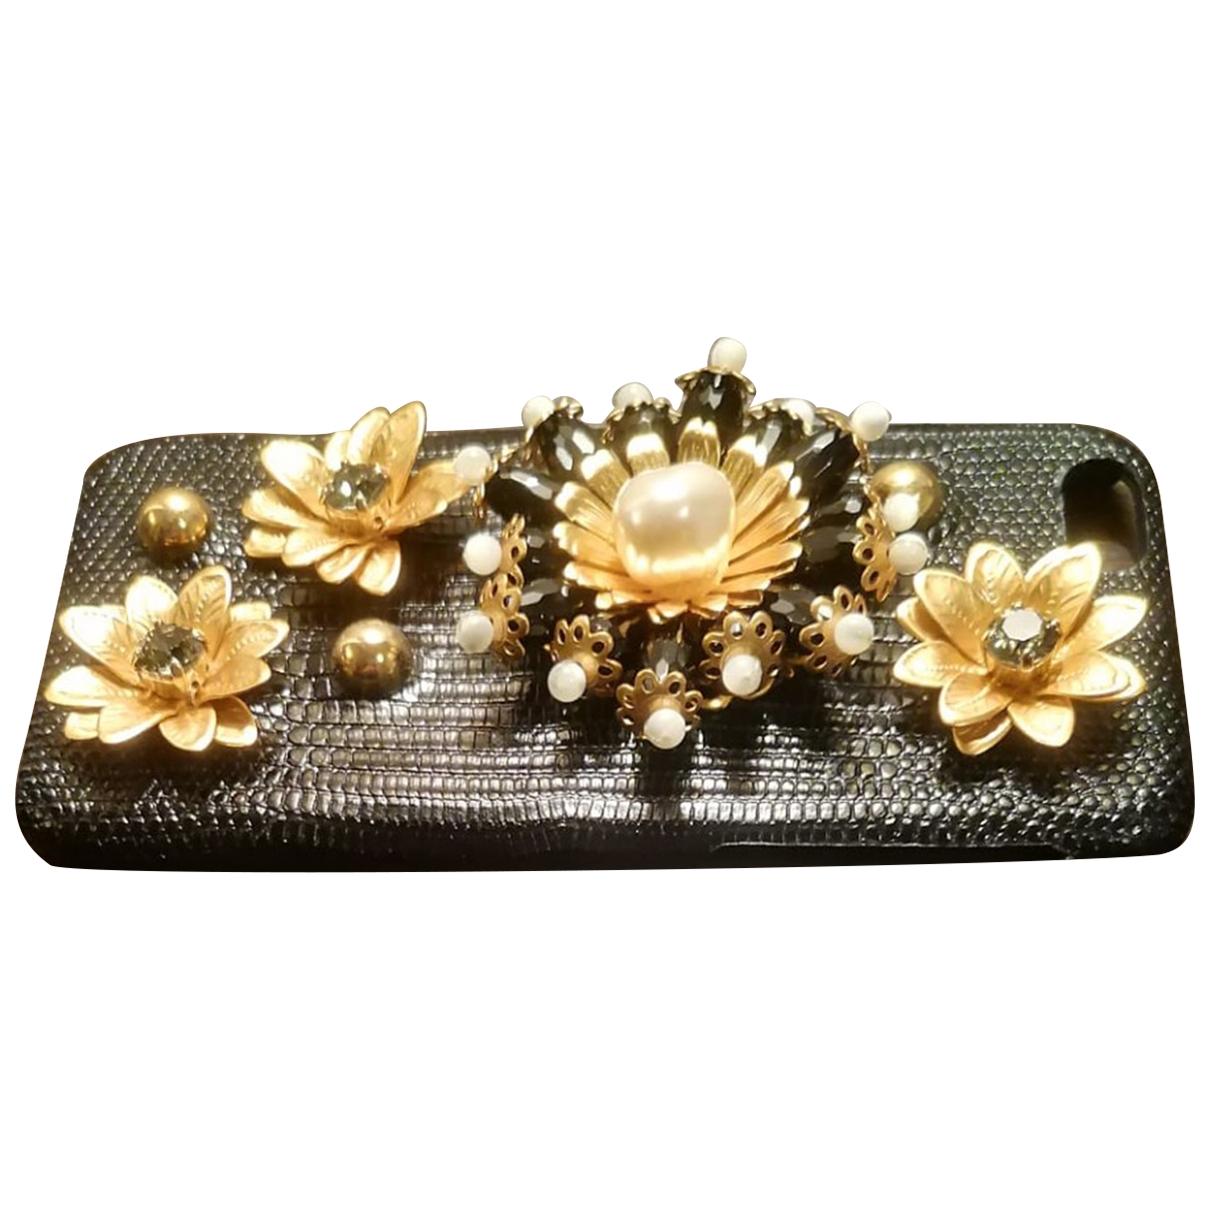 Dolce & Gabbana - Accessoires   pour lifestyle en cuir exotique - multicolore